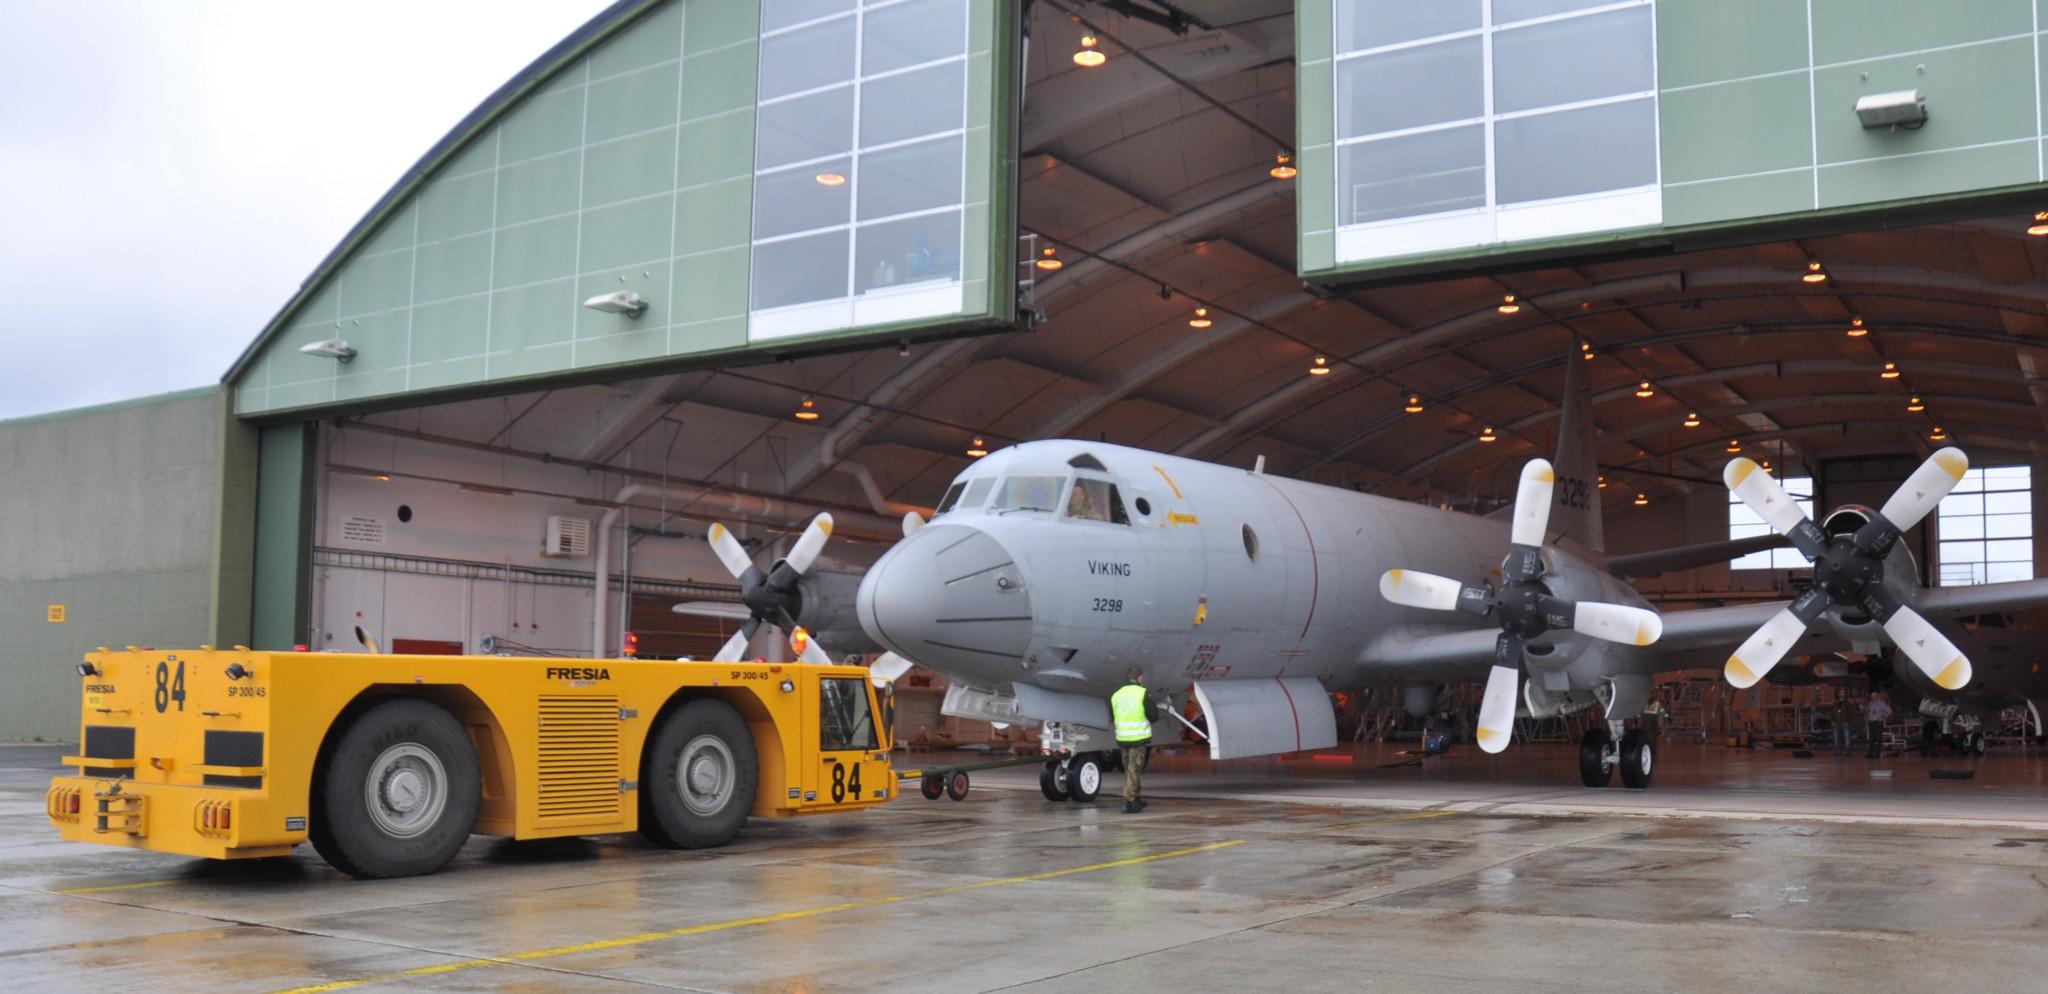 Vil utfase ett P-3N Orion nå